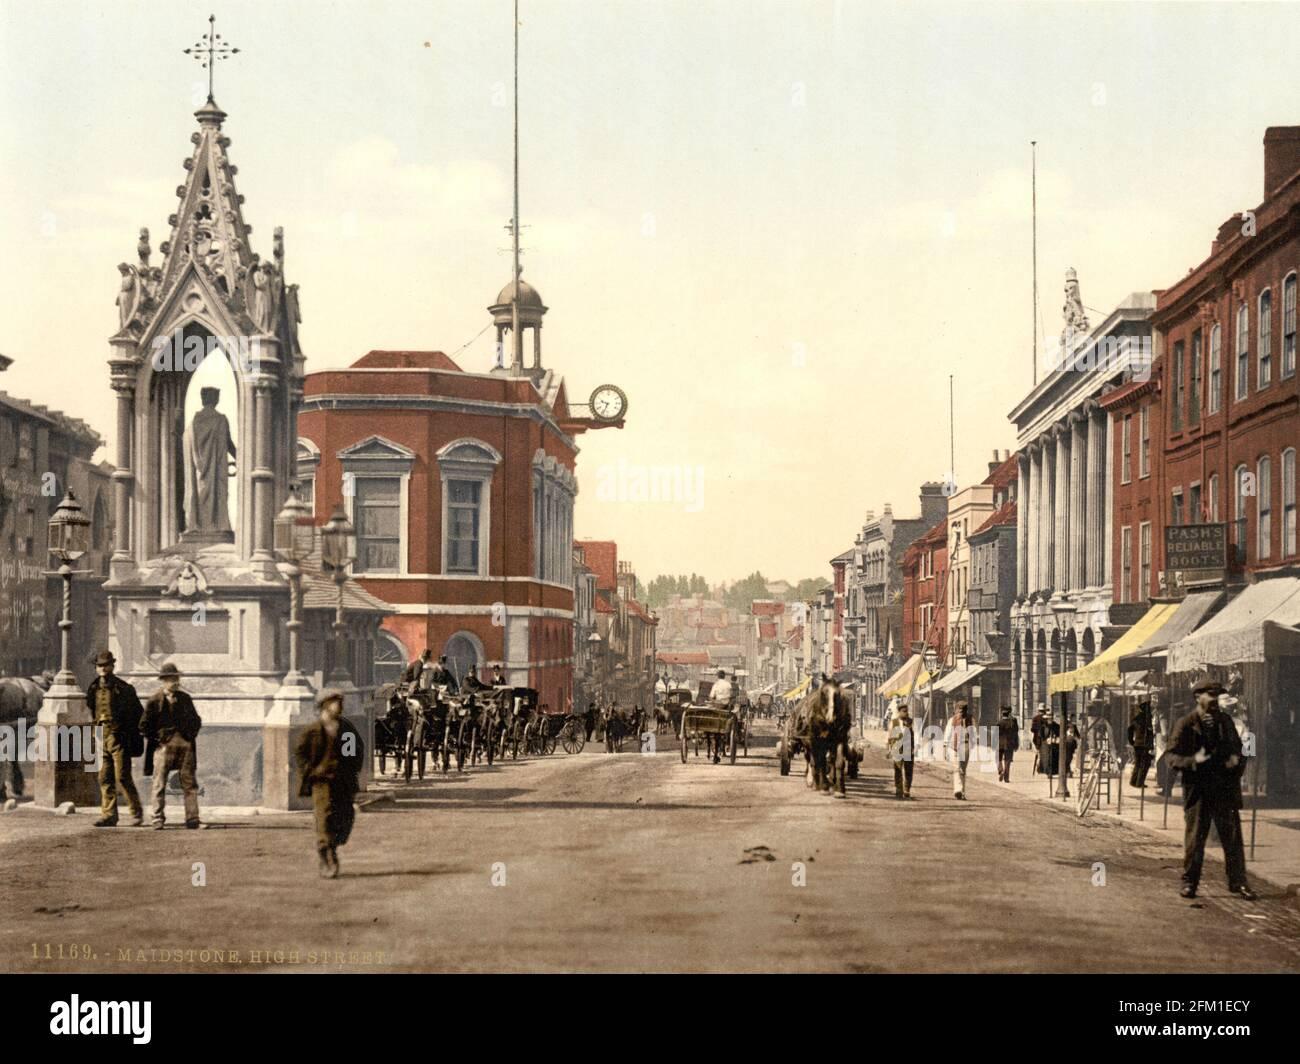 Maidstone High Street dans le Kent vers 1890-1900 Banque D'Images